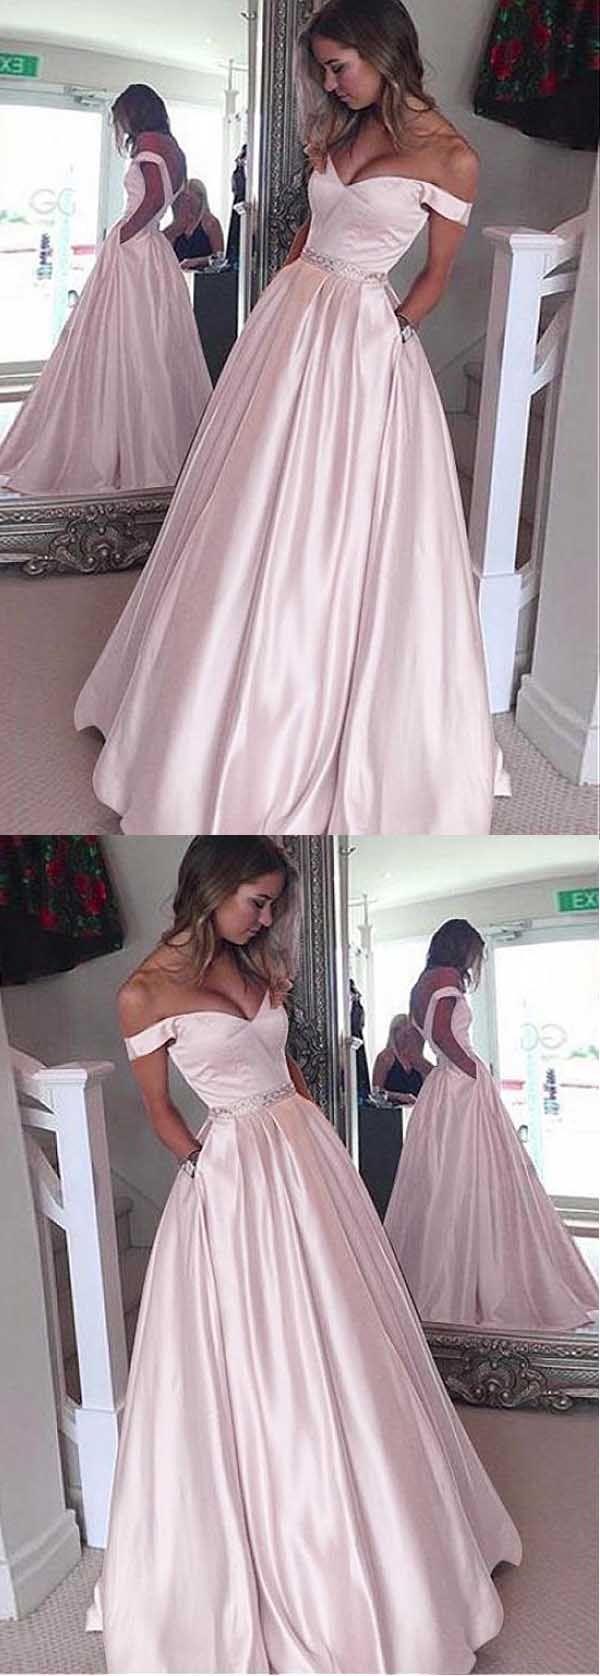 Elegant Satin Off-the-shoulder Neckline A-Line Prom Dresses With Beading PG503